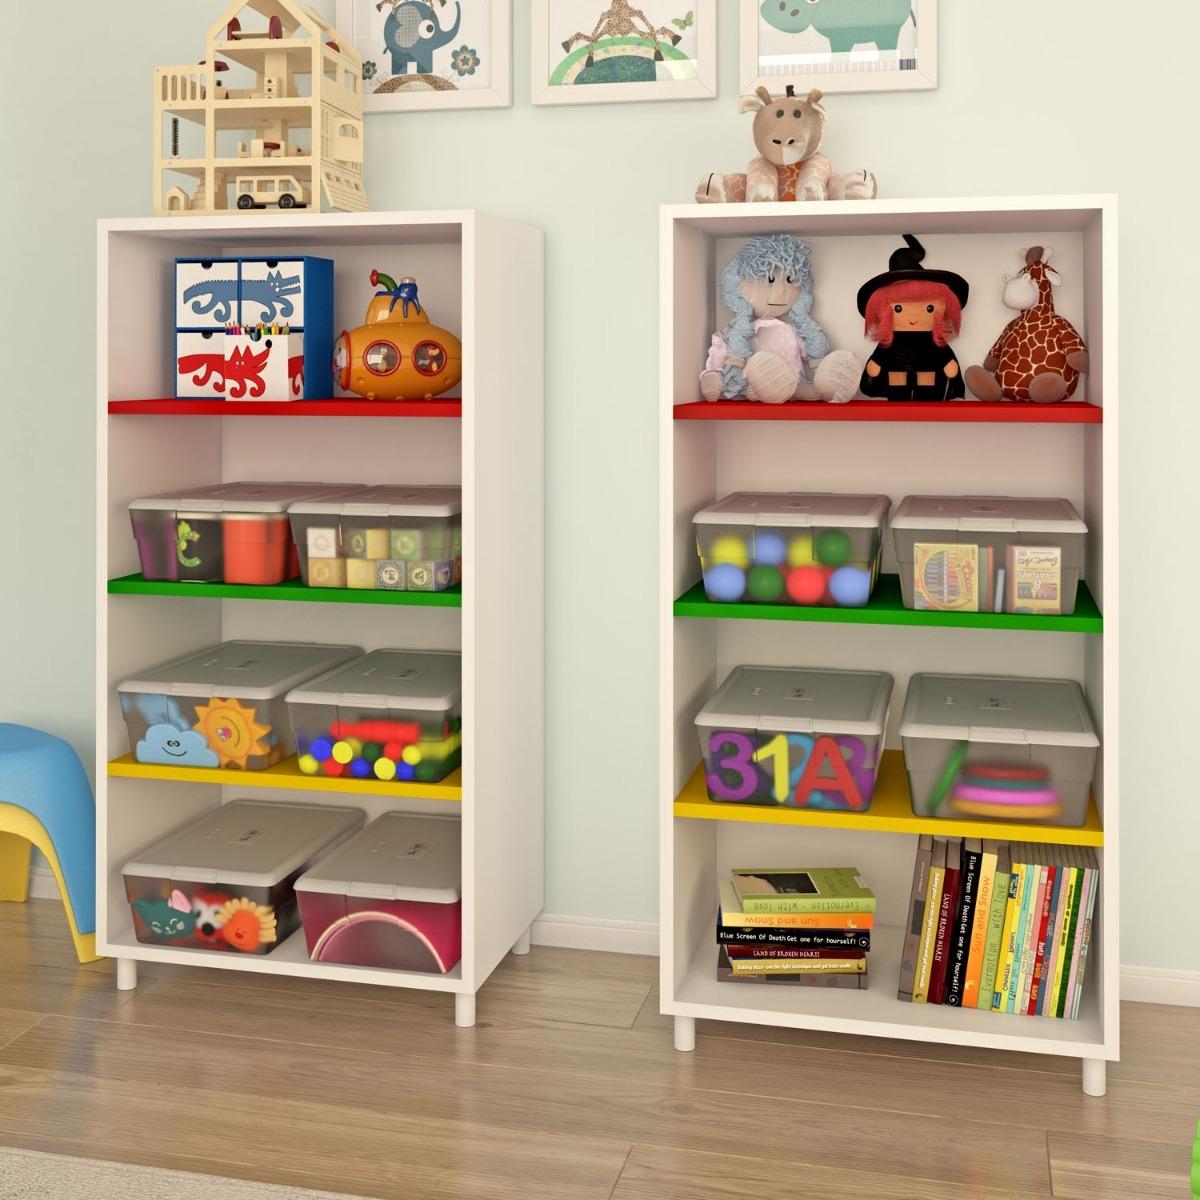 Caixa organizador prateleiras brinquedos estante colorida for Estantes para juguetes